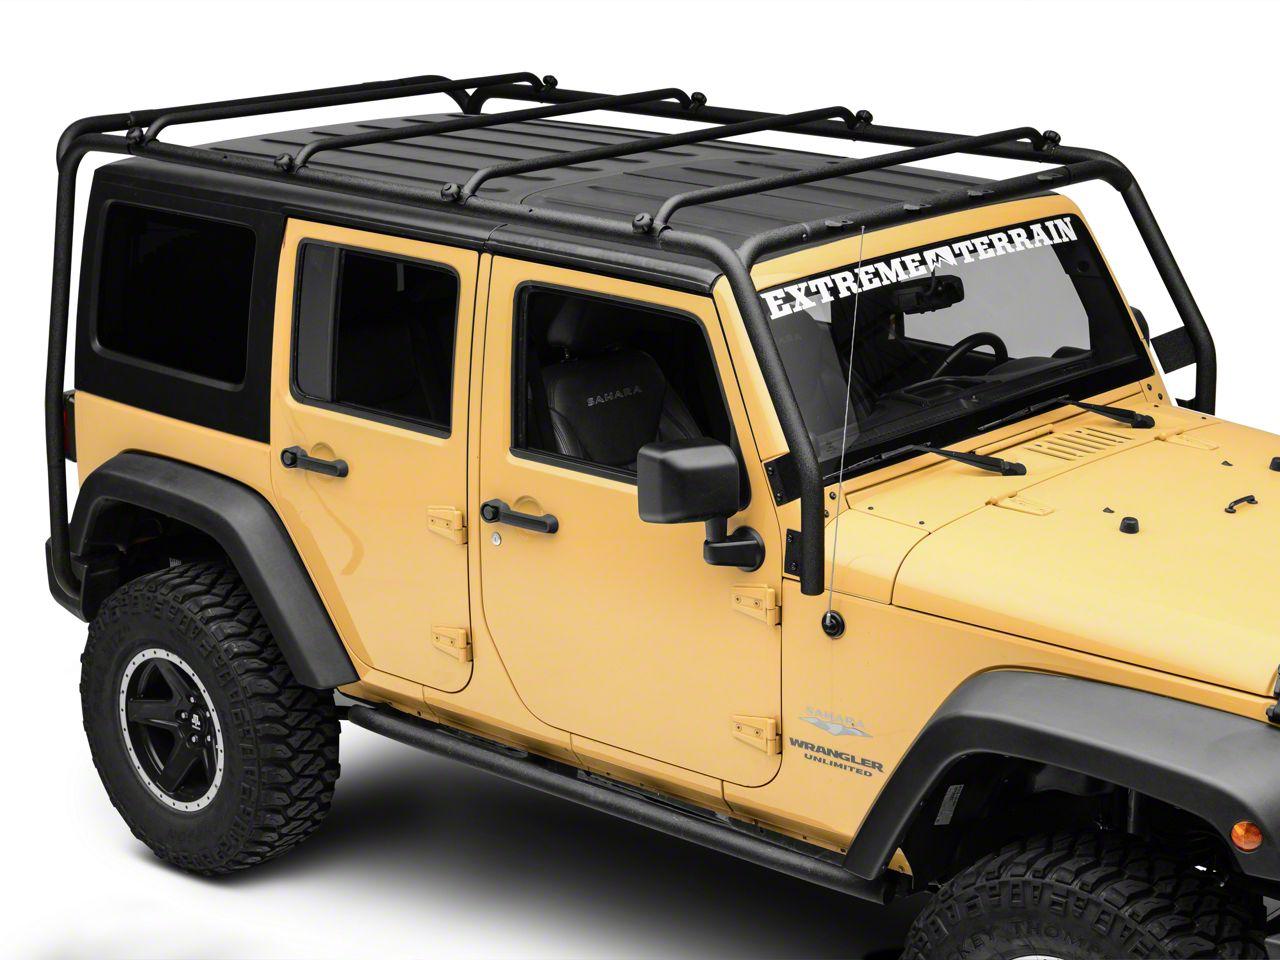 Smittybilt Jeep Wrangler Src Roof Rack 76717 07 18 Jeep Wrangler Jk 4 Door